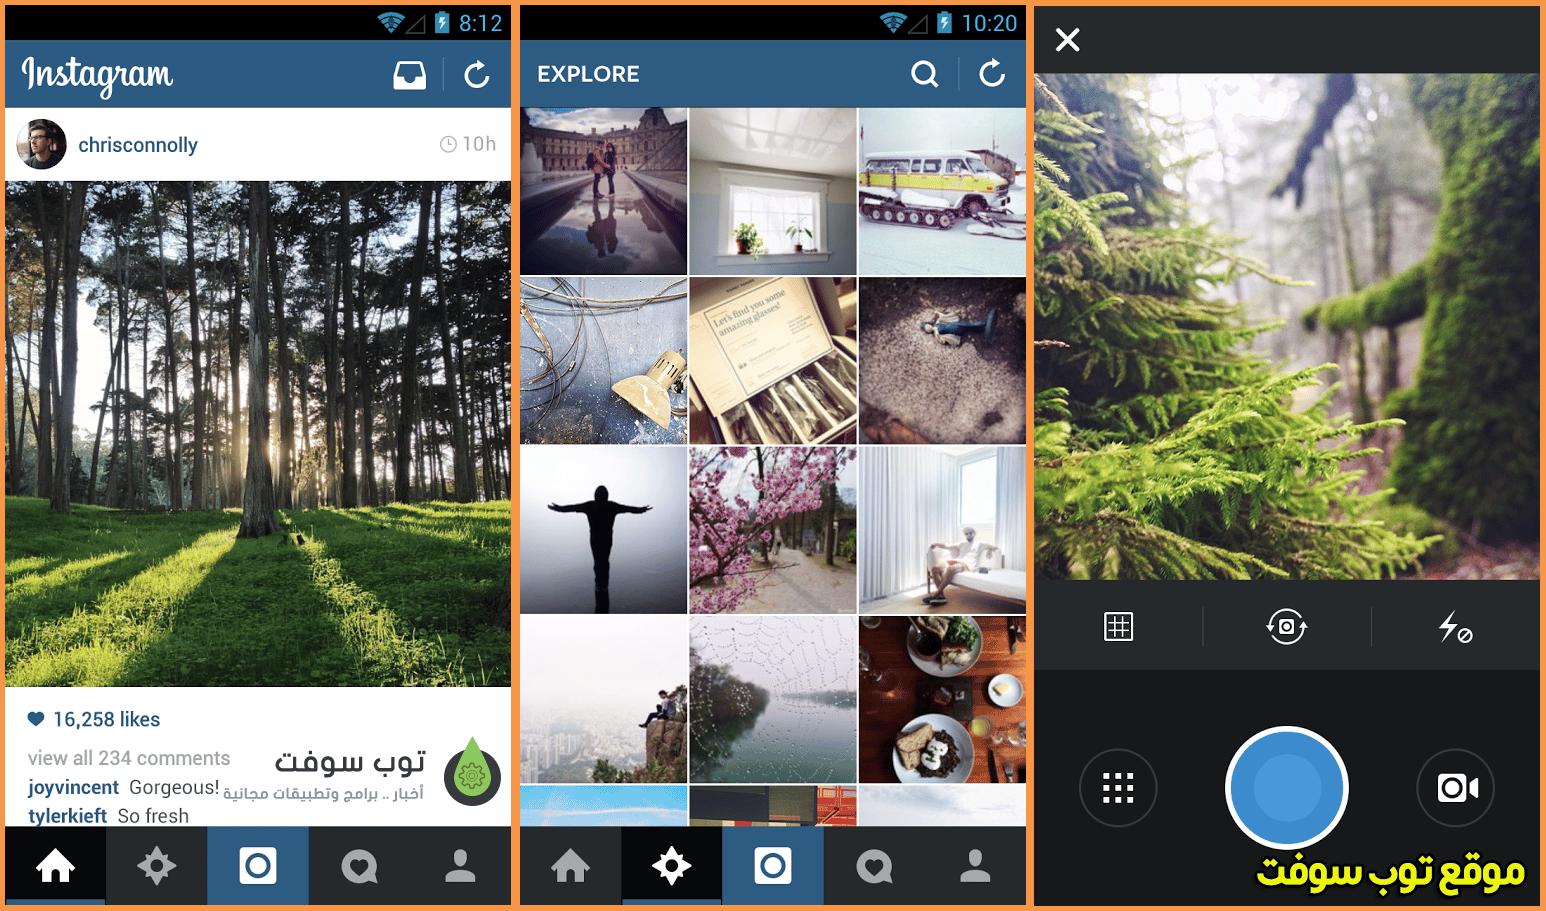 لقطات من تطبيق انستغرام الشهير على جوالات اندرويد بكل مافيها جالكسي وتاب وغيرها